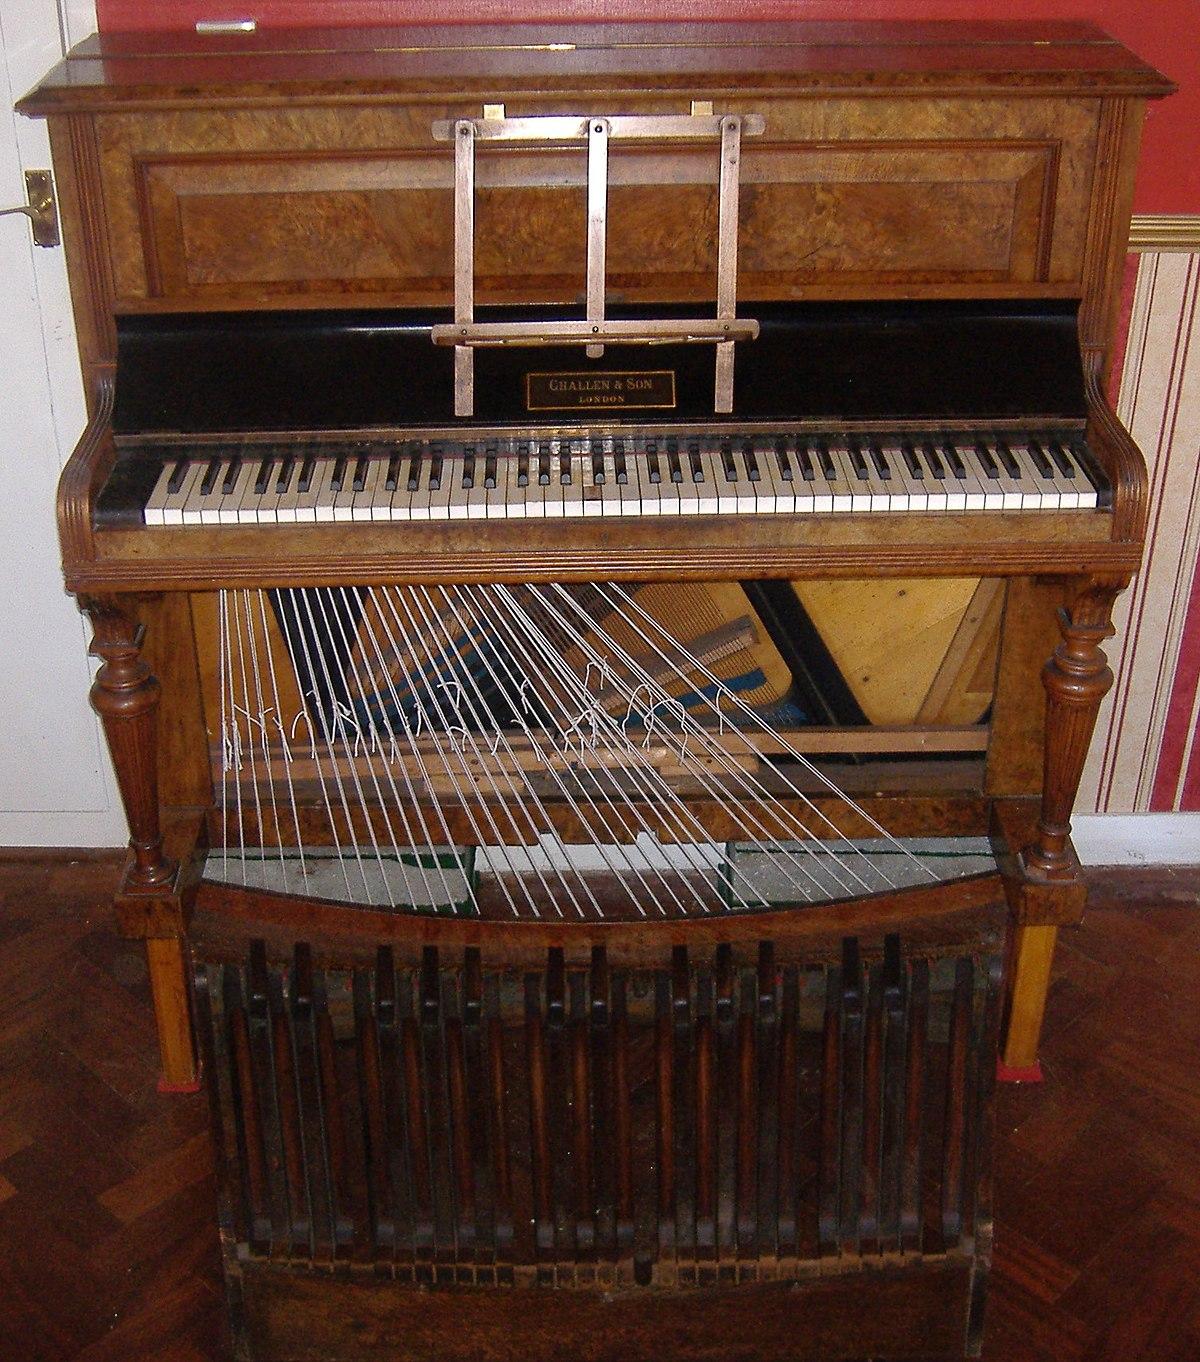 Pedal piano wikipedia for Small piano dimensions